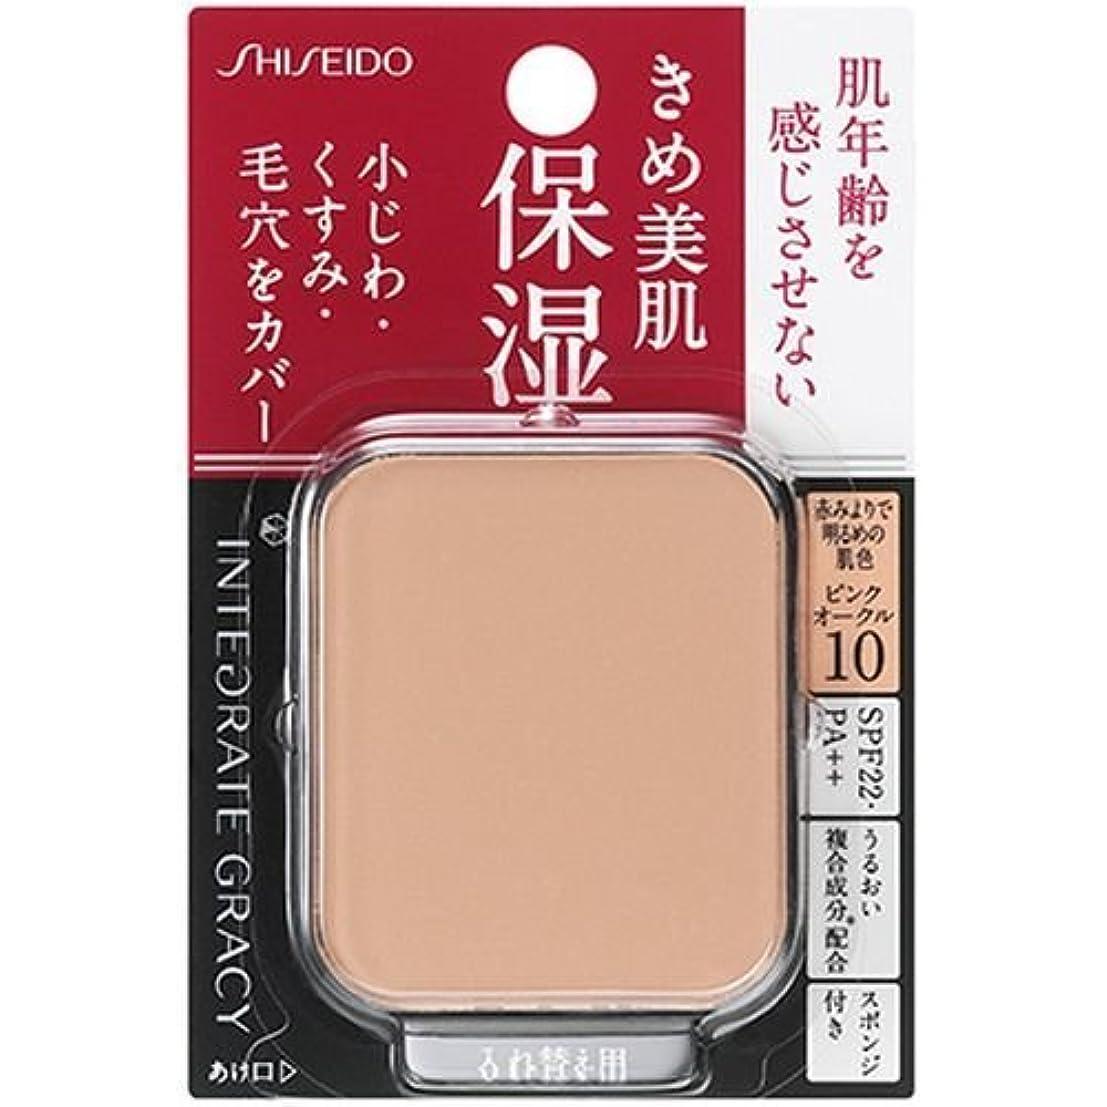 小屋よろしく郵便物資生堂 インテグレート グレイシィ モイストパクト ピンクオークル10(レフィル) 11g